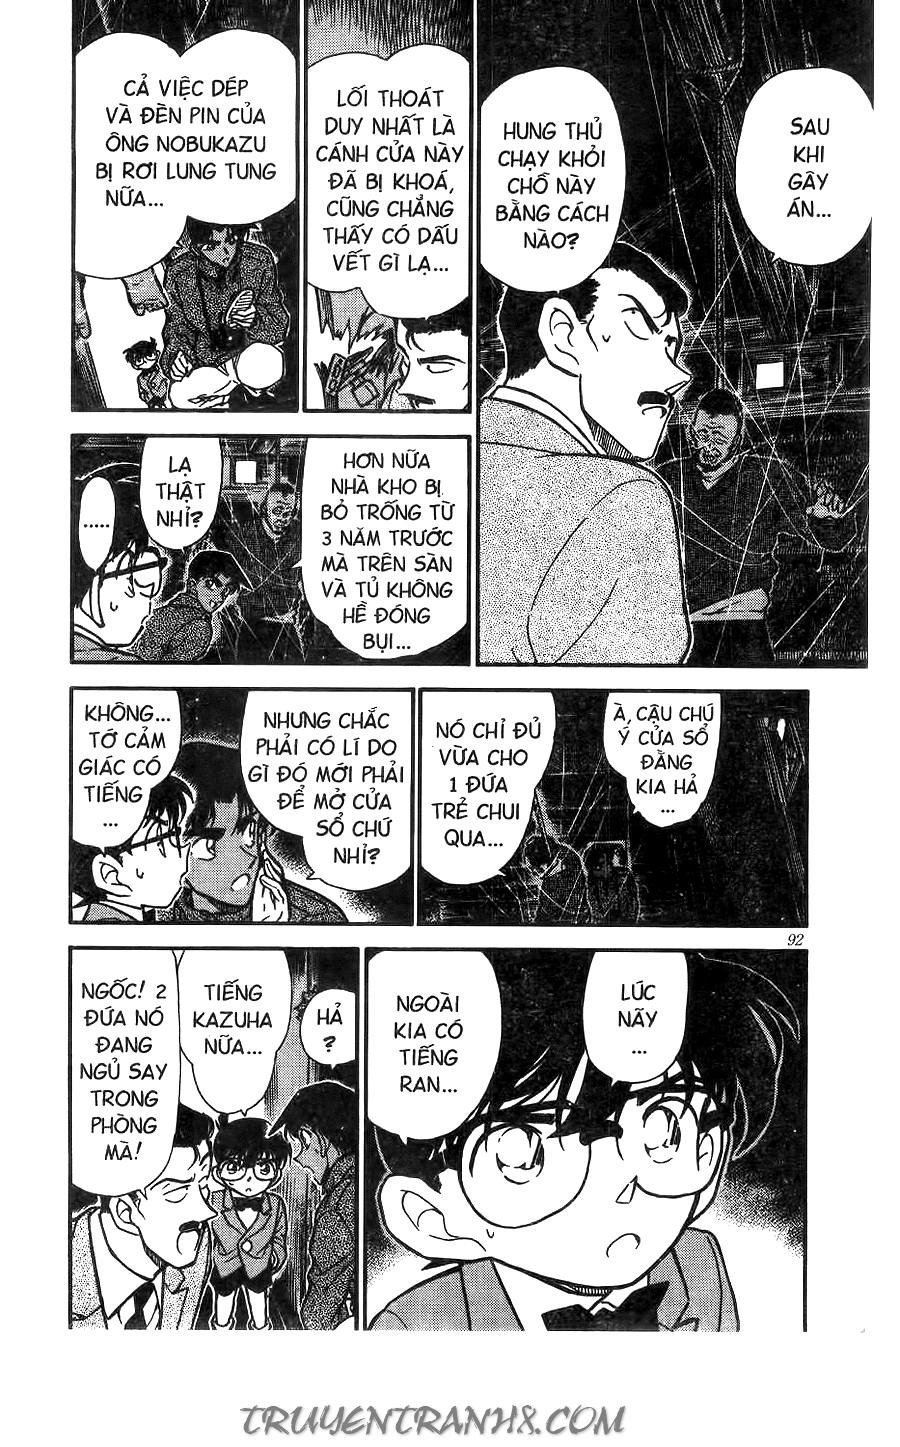 xem truyen moi - Conan chap 248